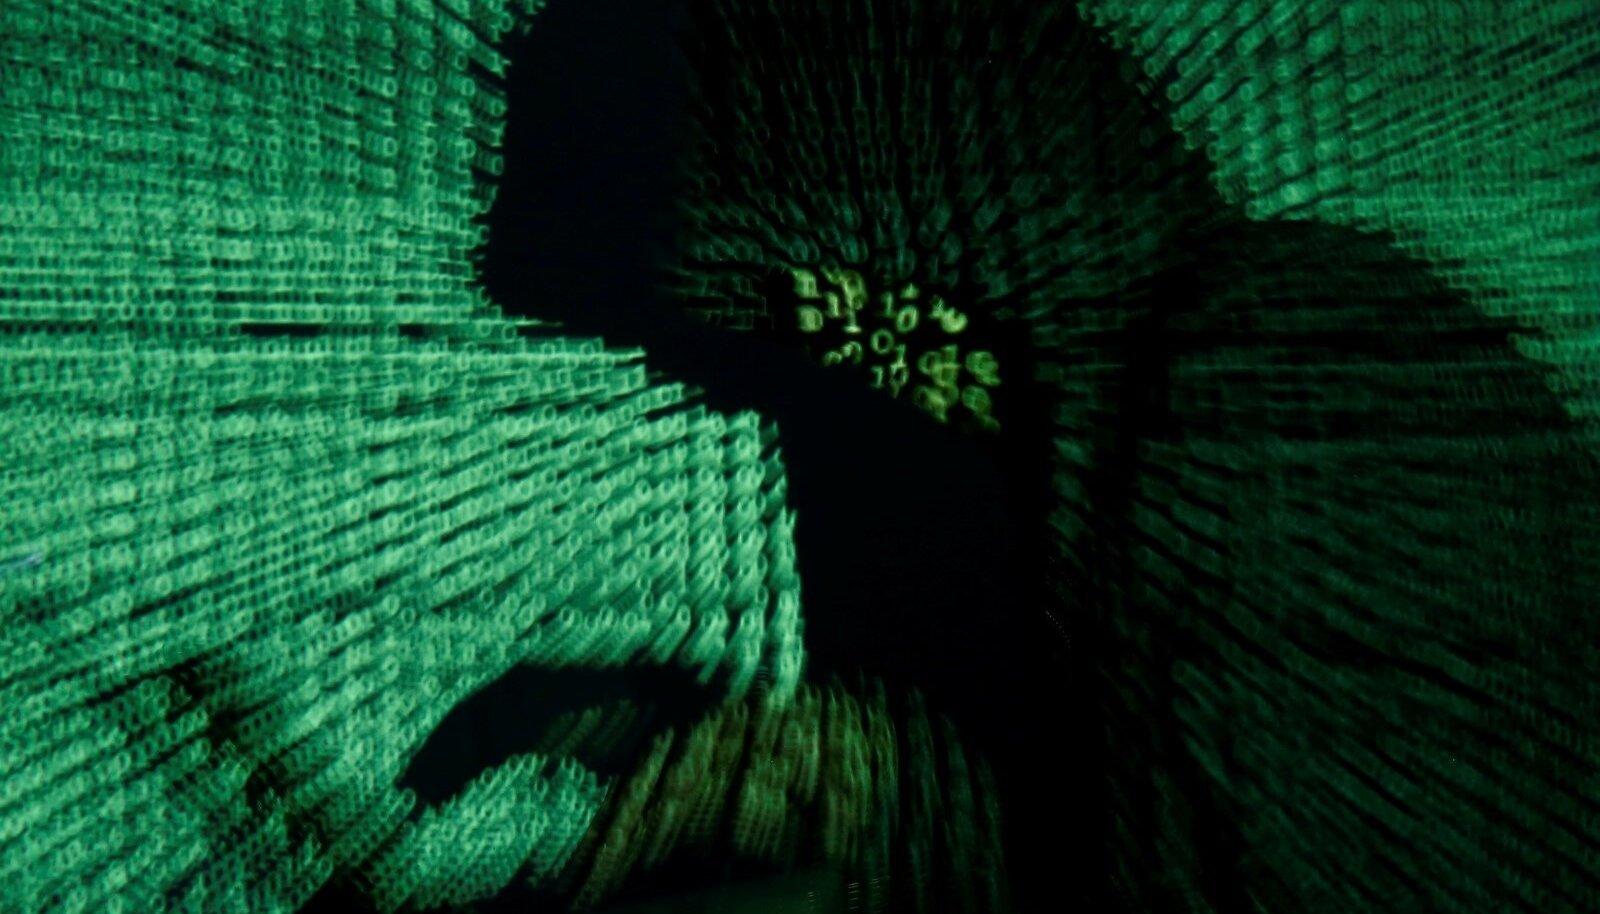 Ükski inimene ei suuda tarkade algoritmide kombel ise tohutust andmehulgast kõige vajalikumaid seoseid välja sõeluda. Masin juba suudab.